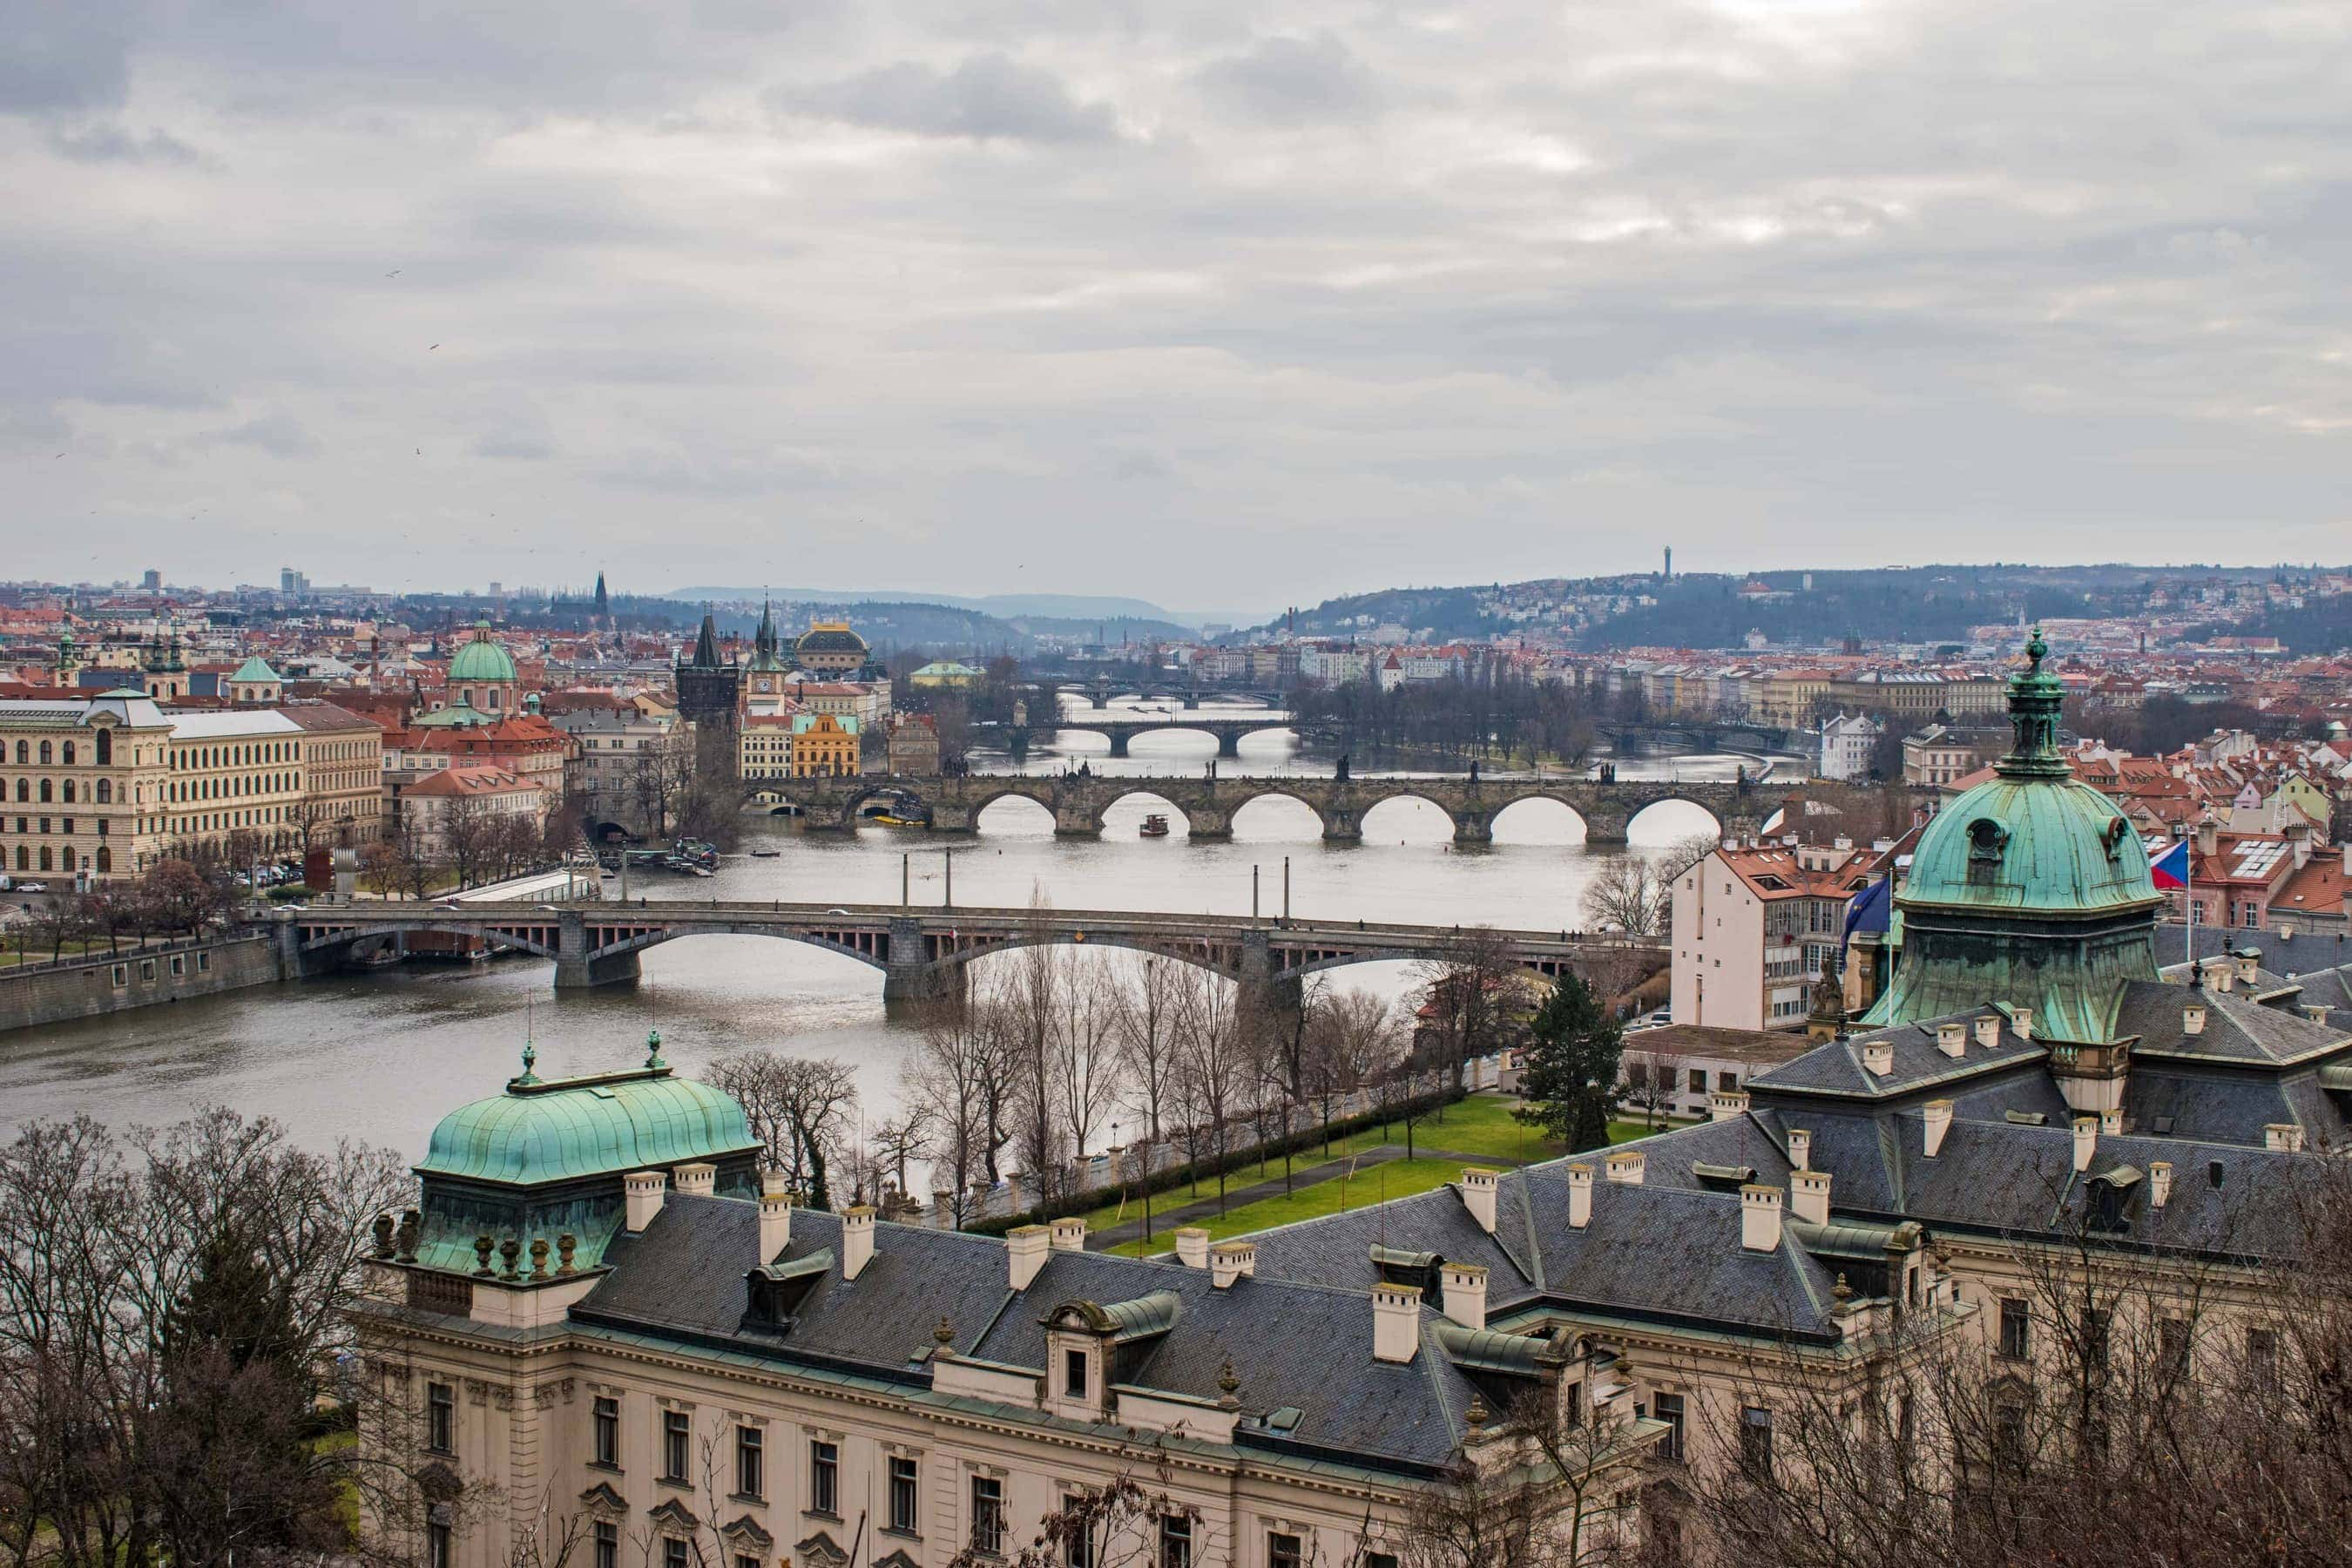 Fotospots in Prag: Letná Park